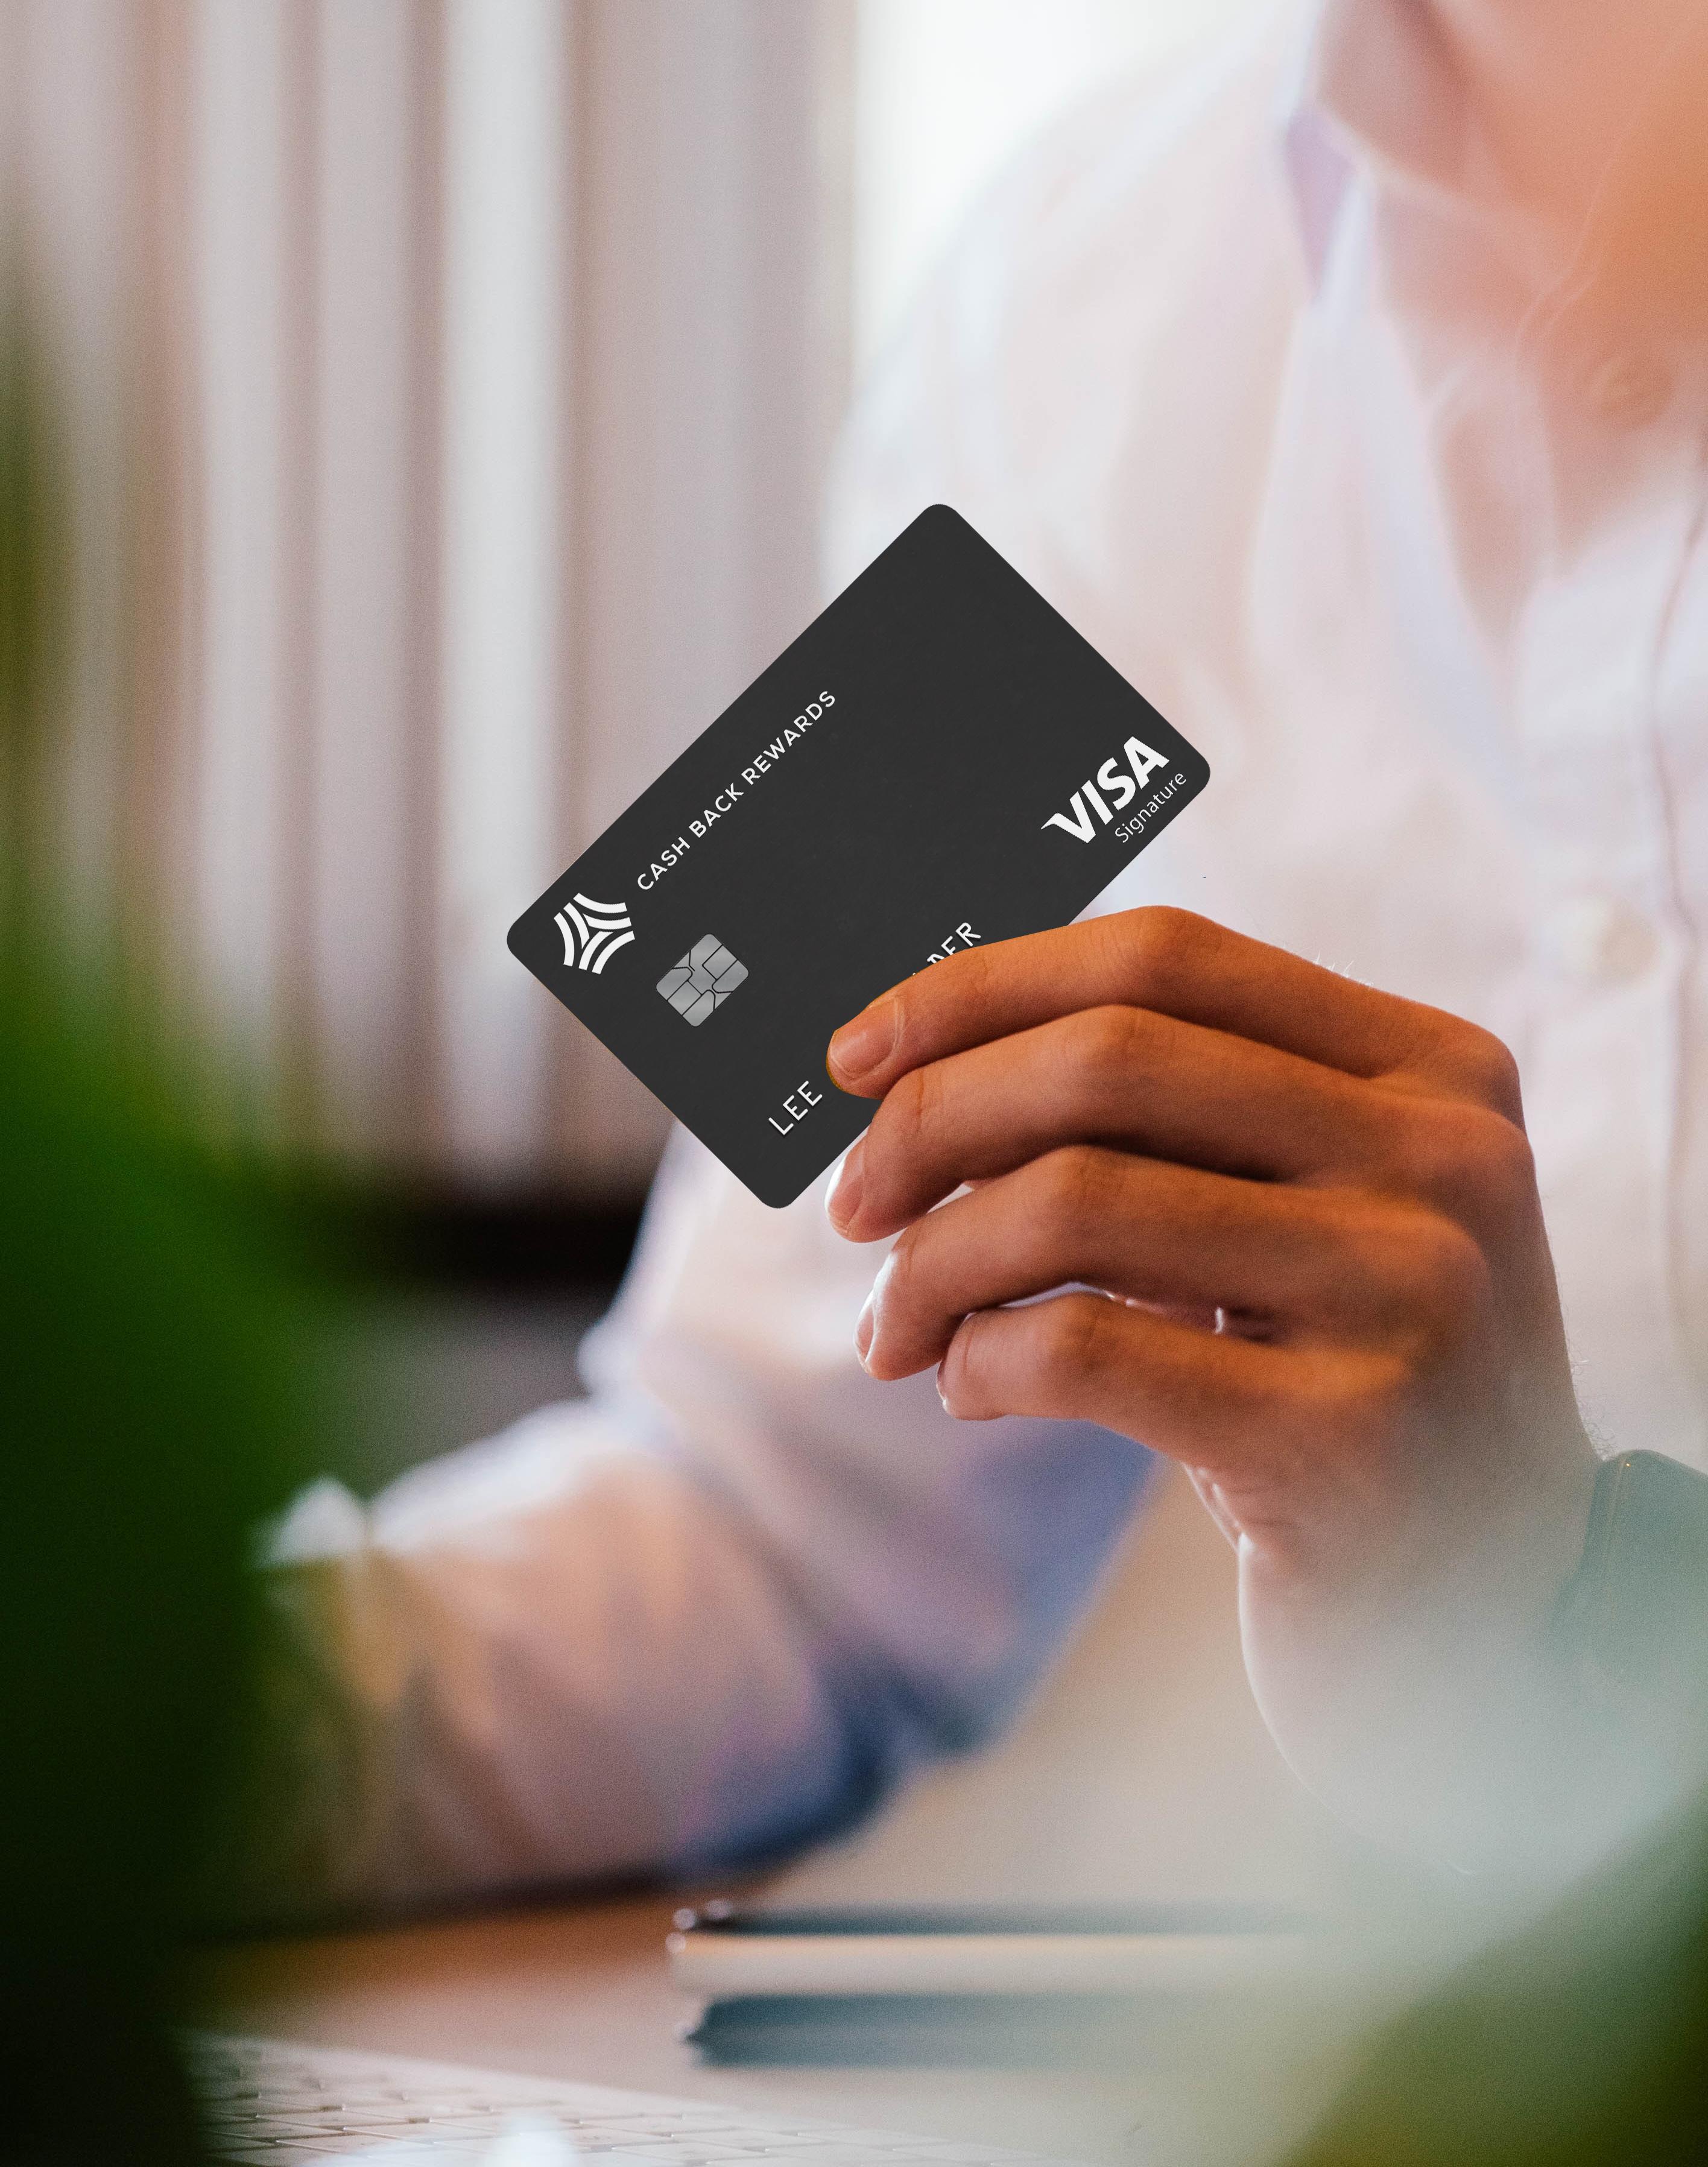 FAFCU Cash Back Credit Card